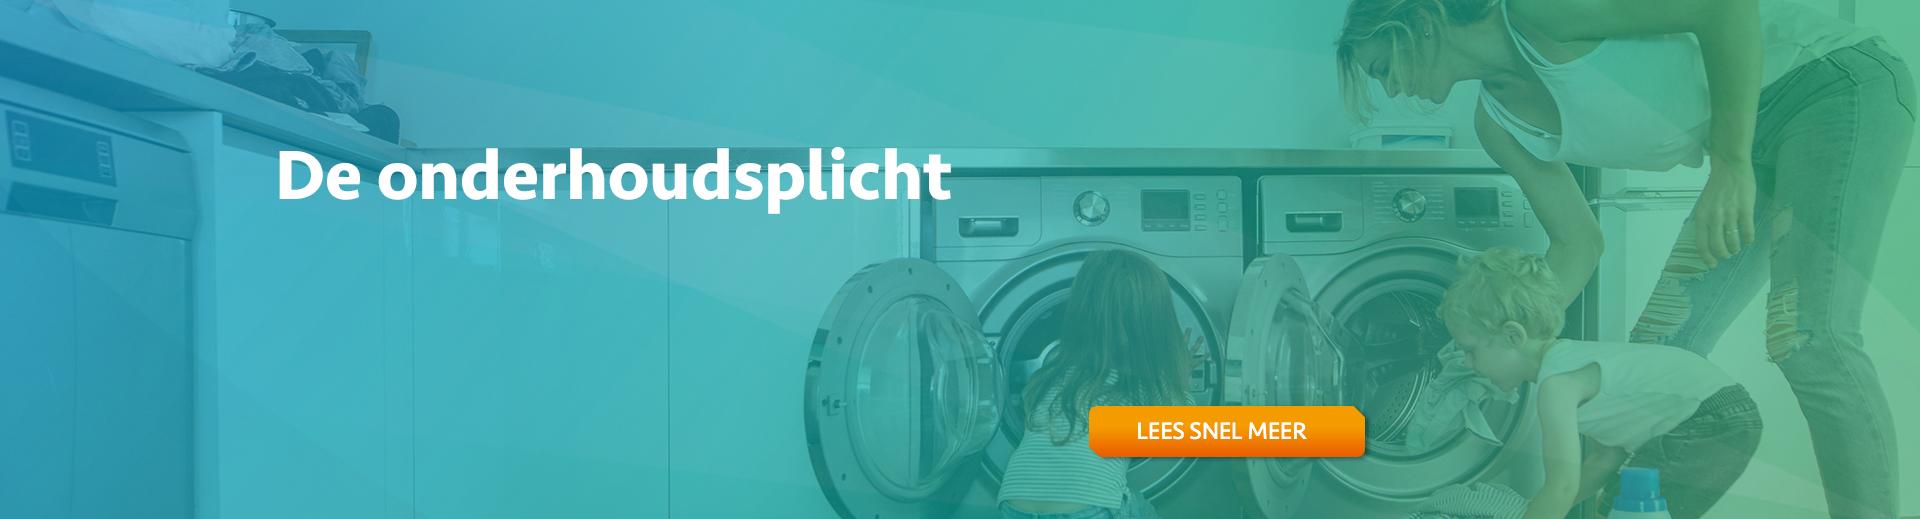 De onderhoudsplicht - Scheidingsplanner Maastricht - Heerlen - Gulpen